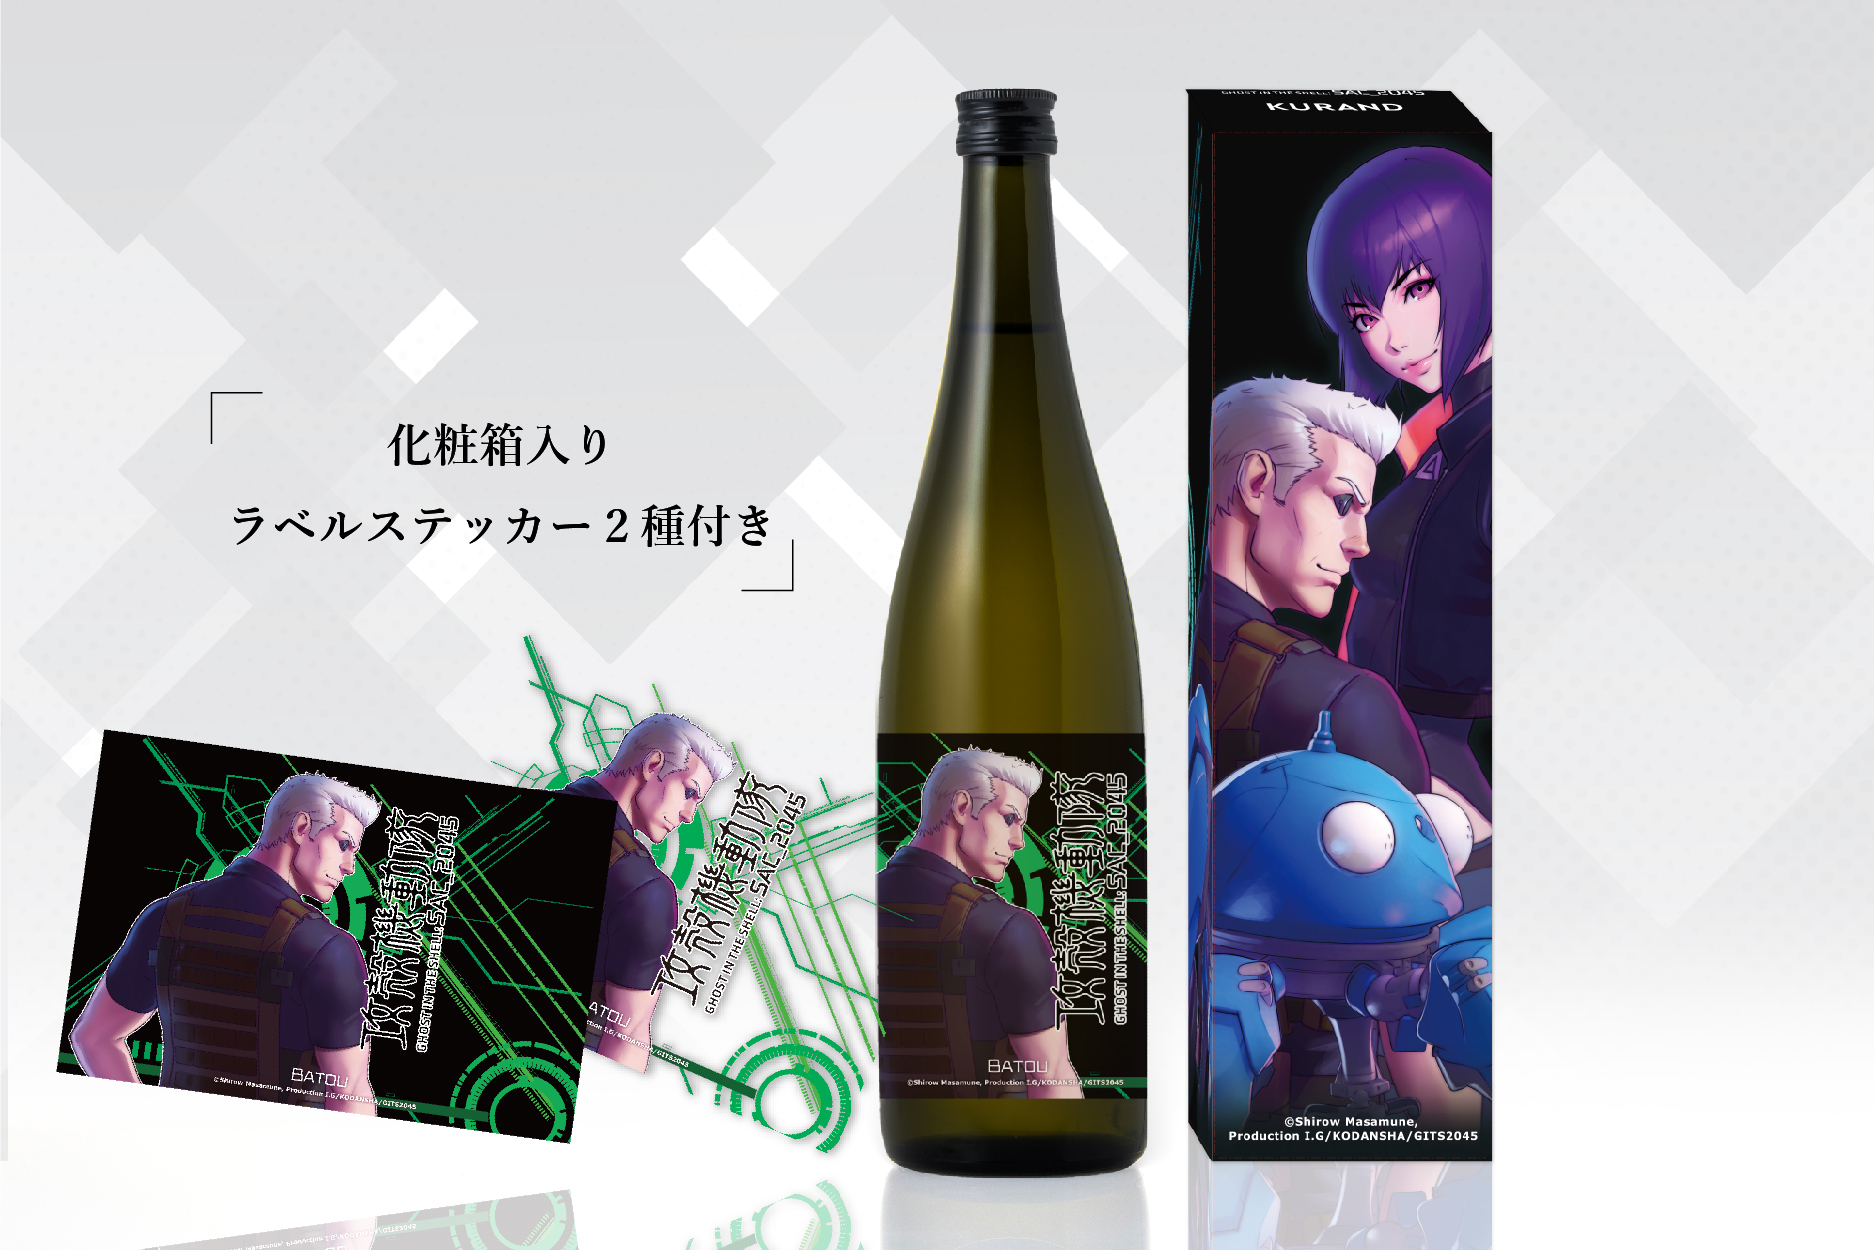 「攻殻機動隊 SAC_2045」オリジナルラベル日本酒 3/3からオンライン先行販売開始 ~テーマは「戦いの後の乾杯酒」~